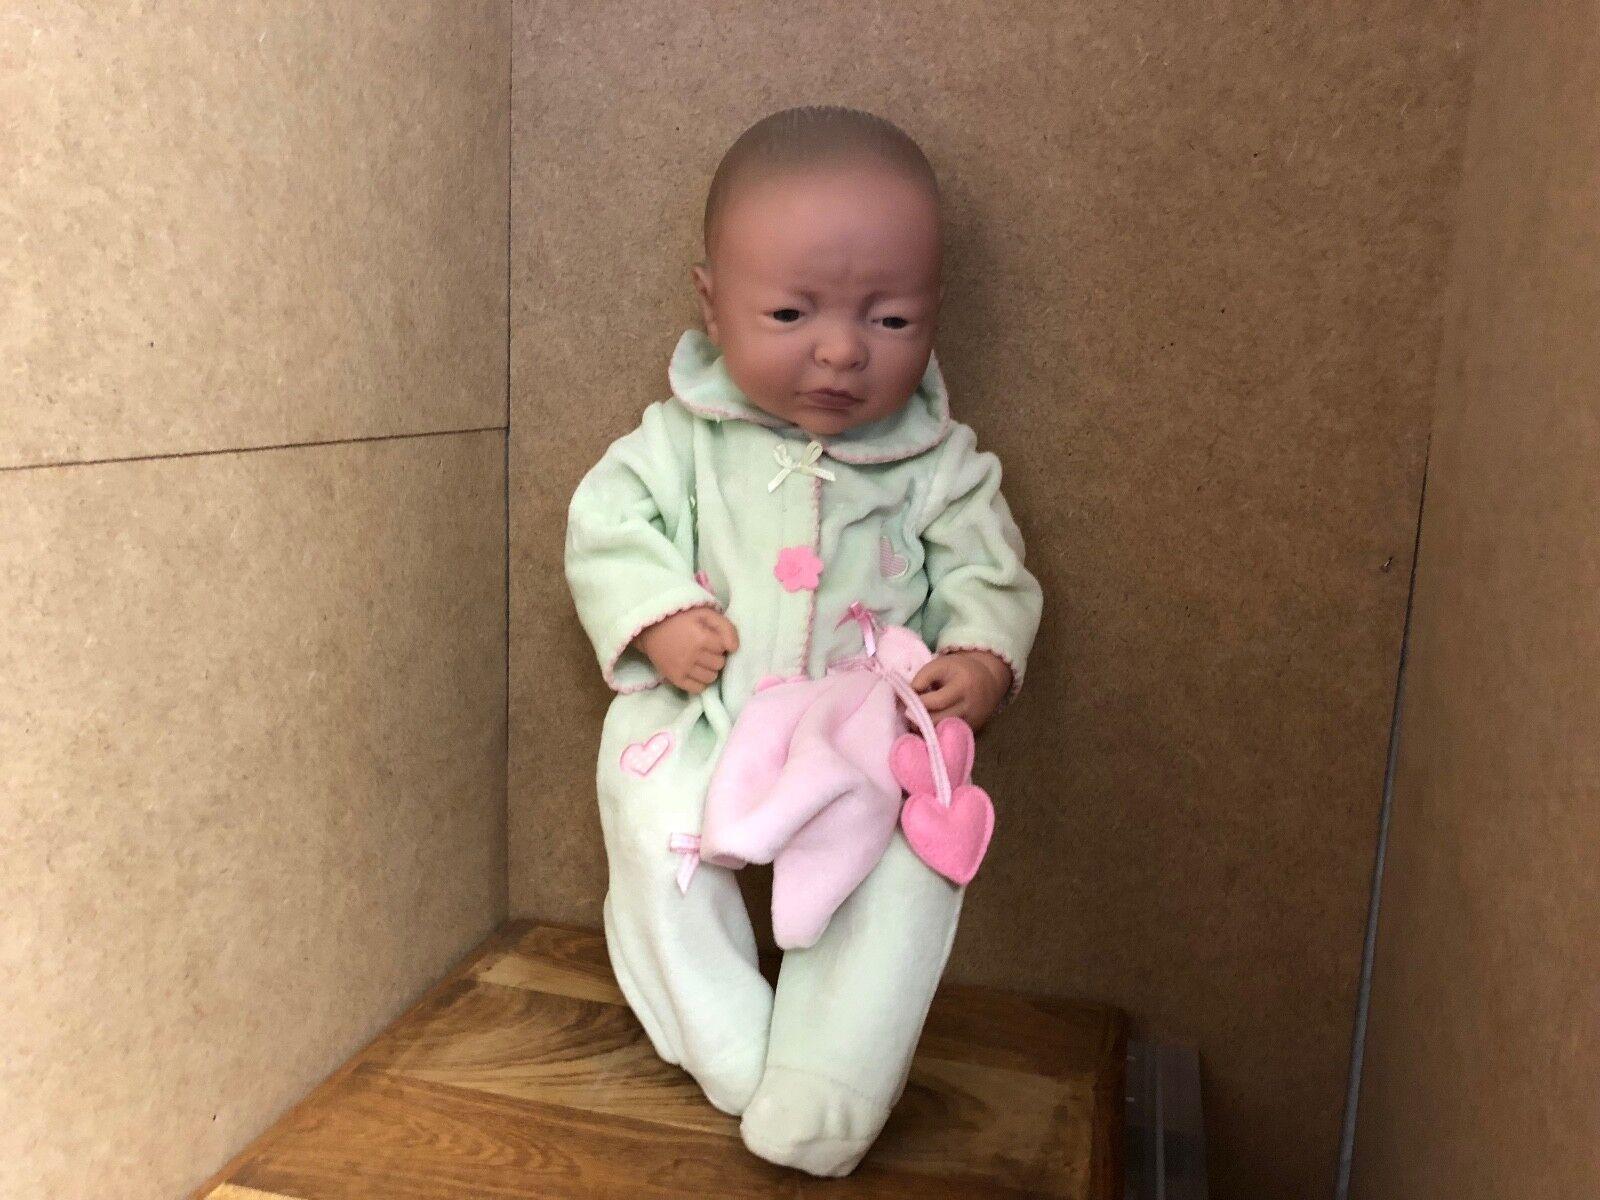 Artistas muñeca muñeca de vinilo 39 cm. top estado